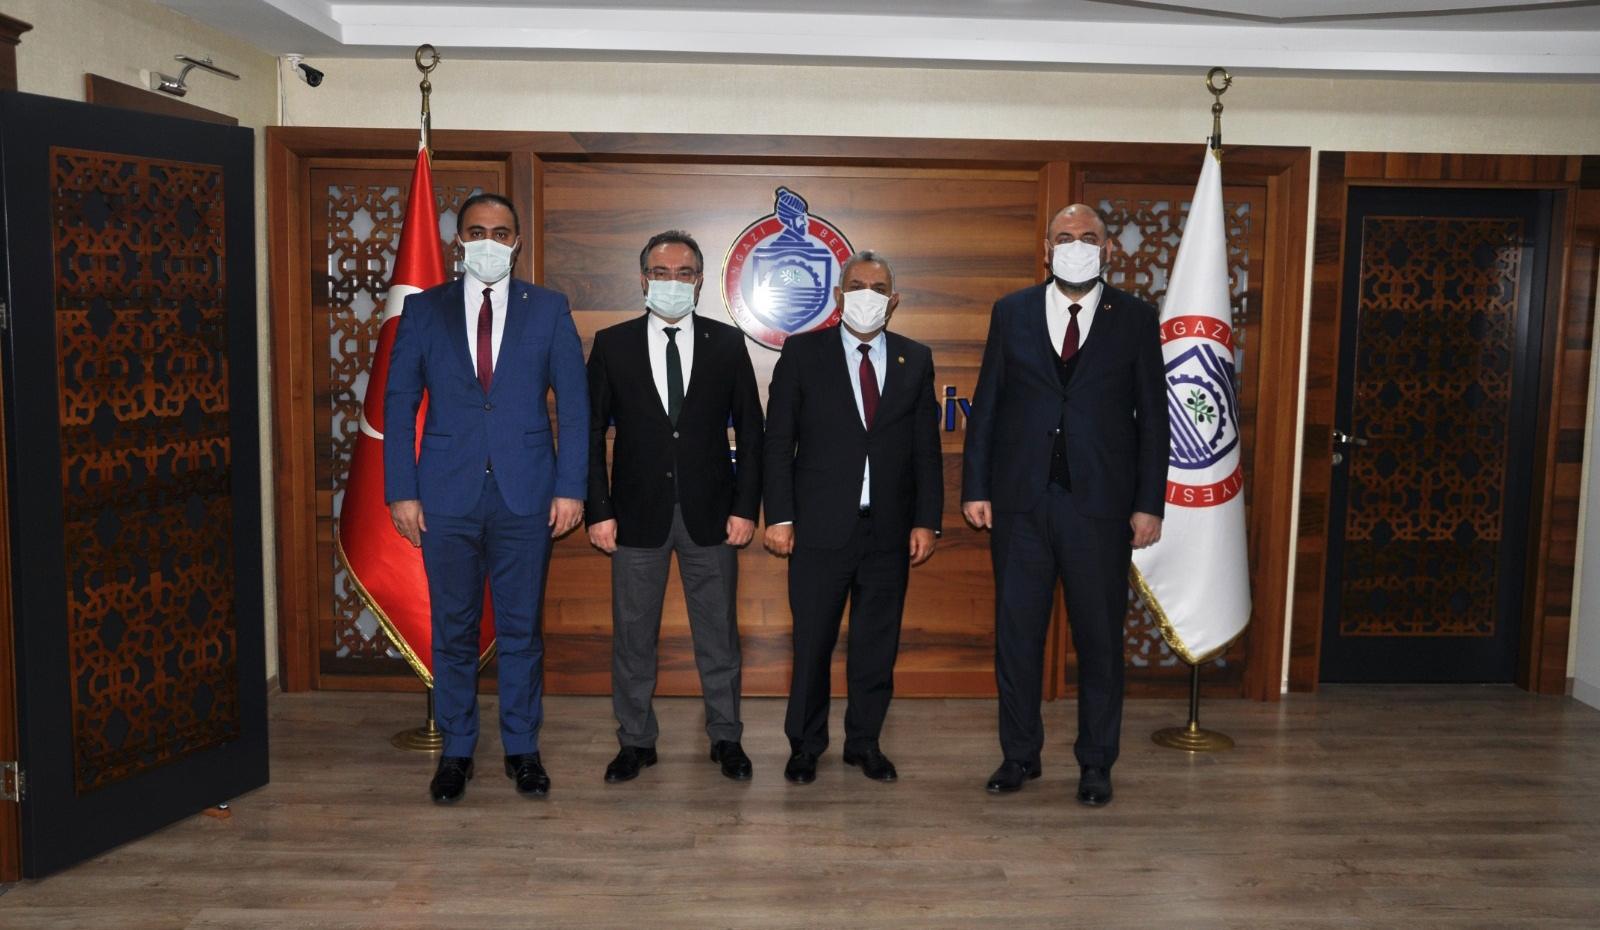 Başkan Aydın Yerel Yönetimler Başkanı Yardımcısı Hüseyin Şanverdi'yi Ağırladı